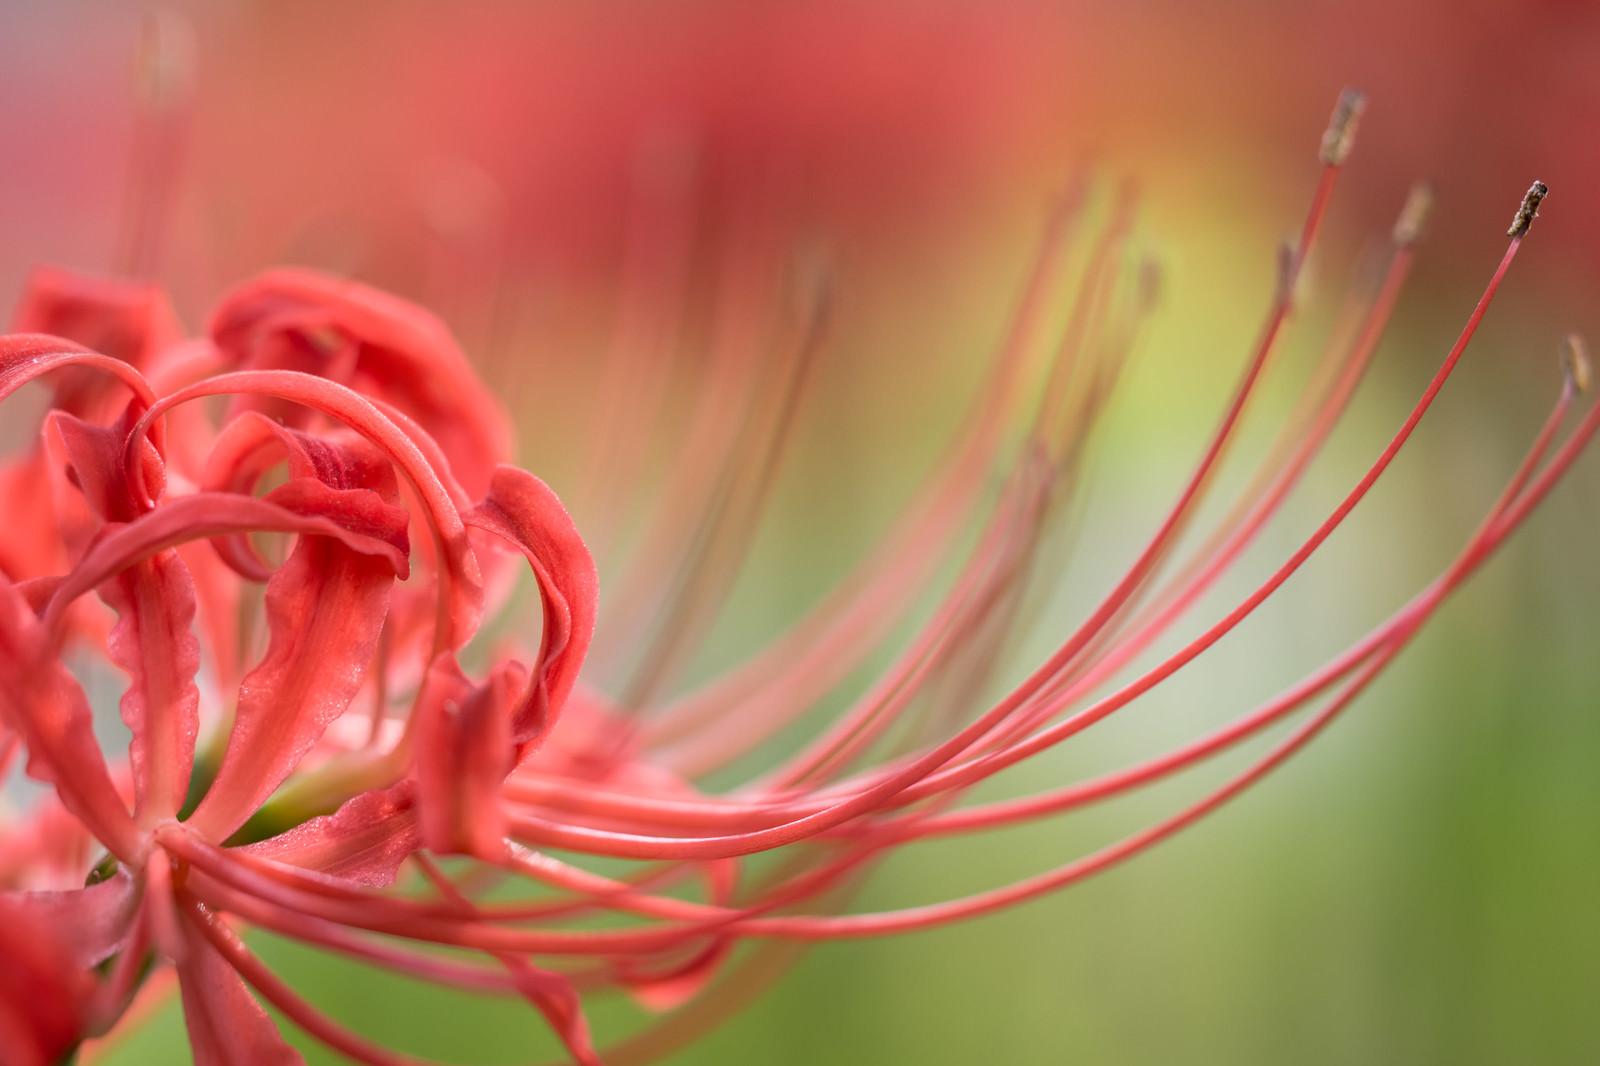 「曼珠沙華の花びら曼珠沙華の花びら」のフリー写真素材を拡大